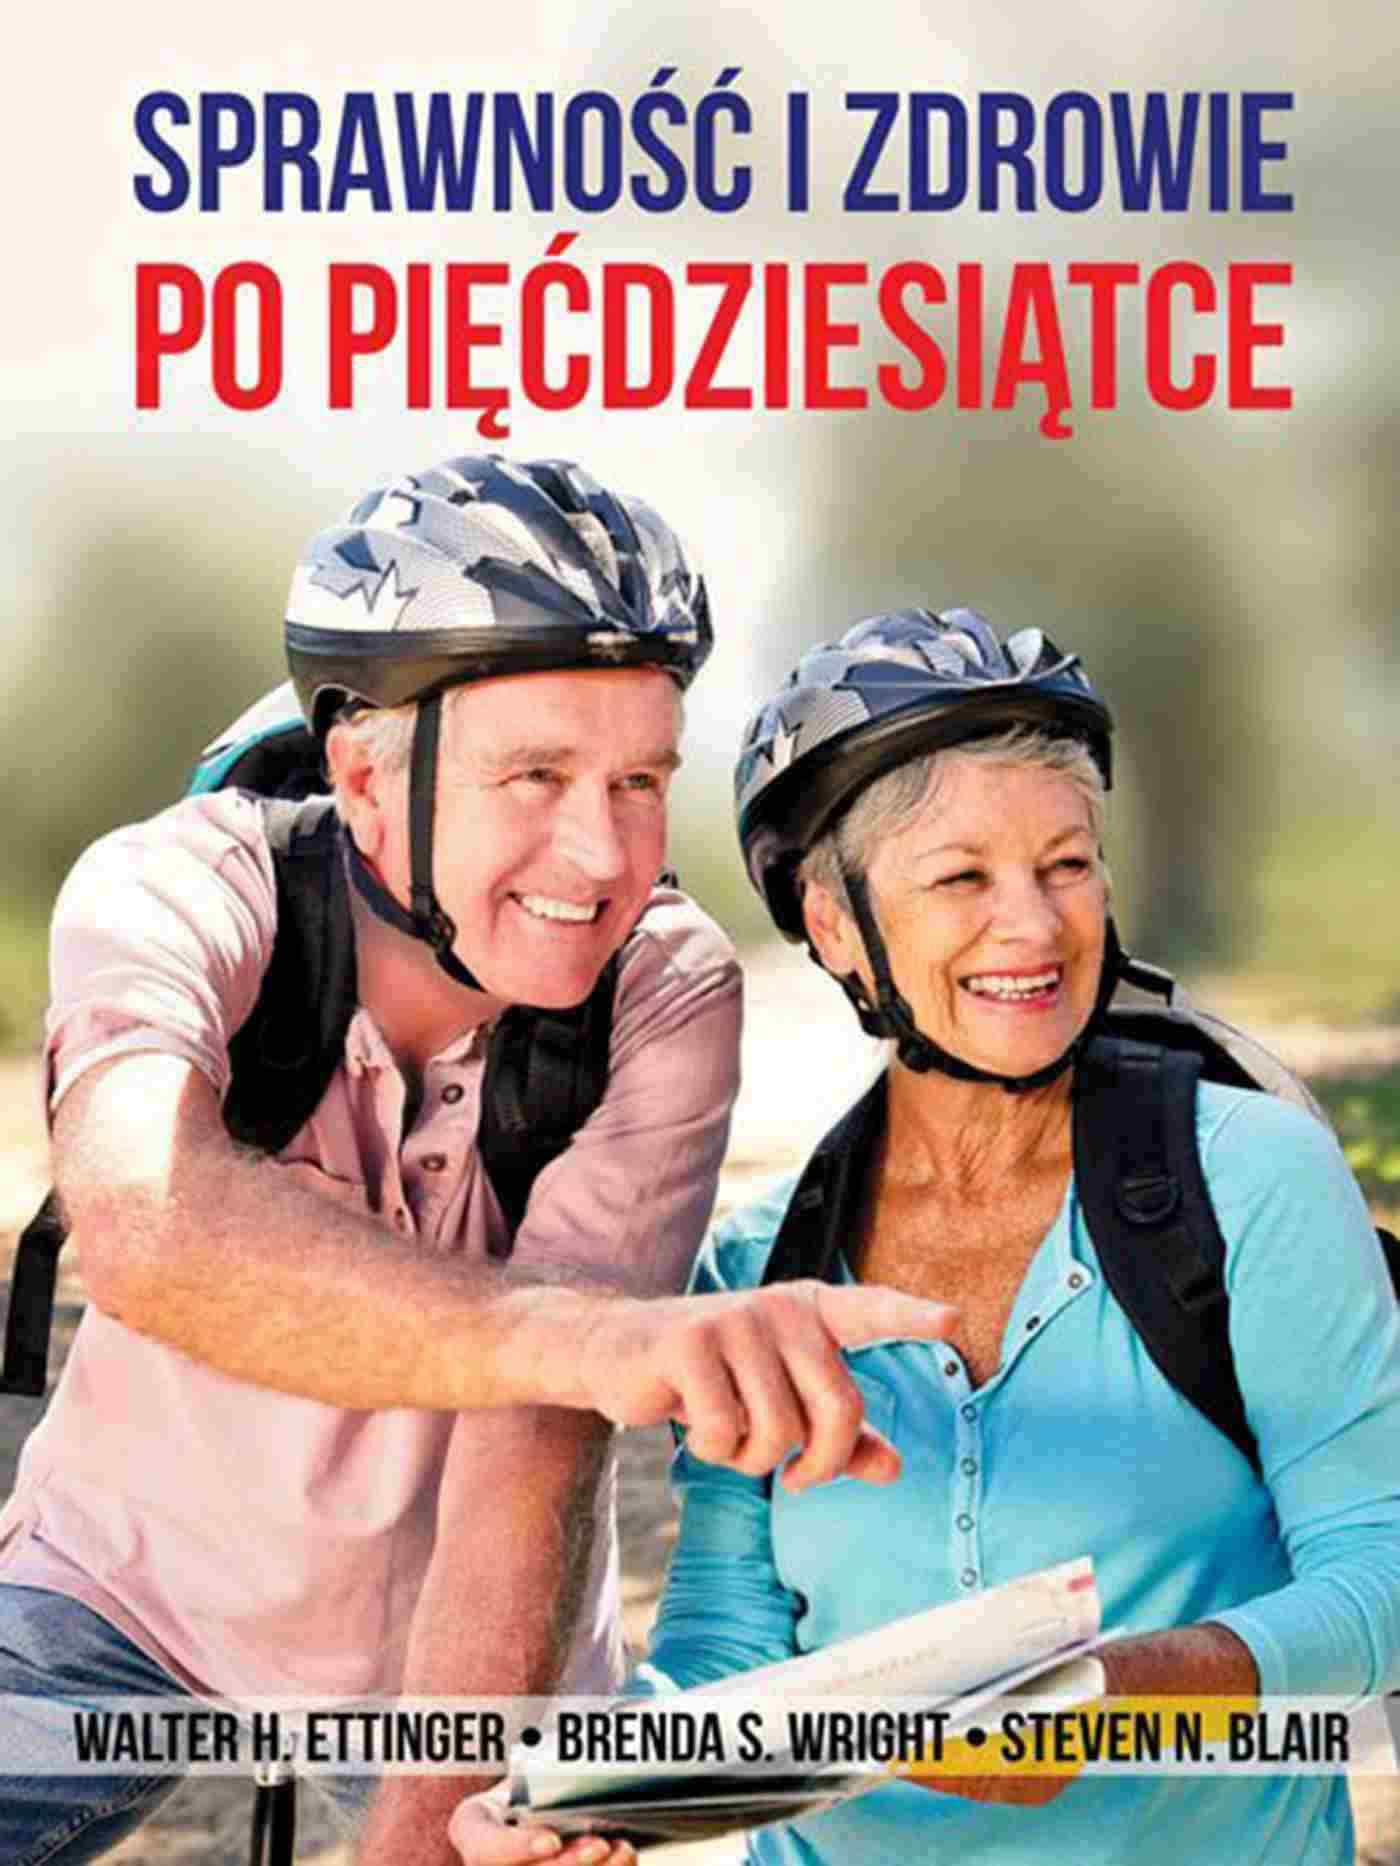 Sprawność i zdrowie po pięćdziesiątce - Ebook (Książka EPUB) do pobrania w formacie EPUB